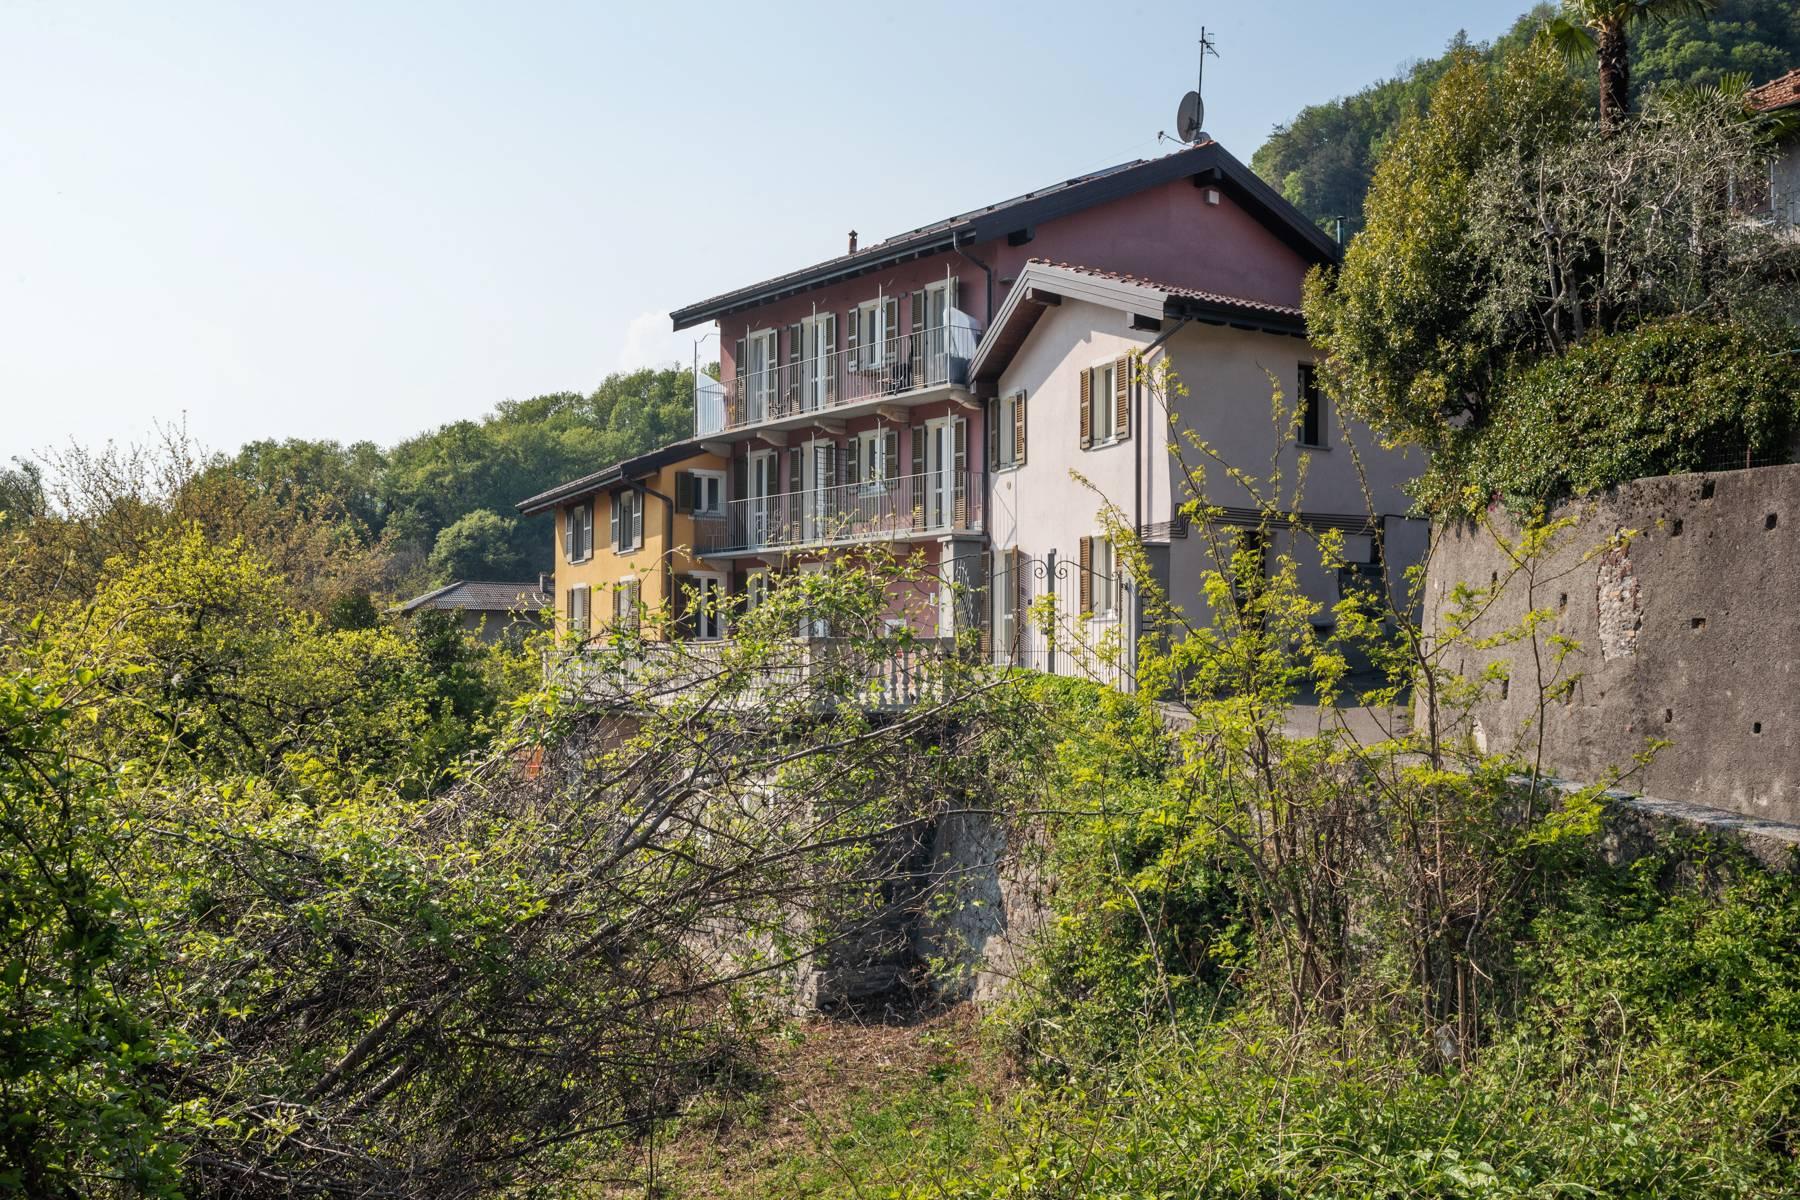 Appartamento in Vendita a Castelveccana: 3 locali, 82 mq - Foto 1